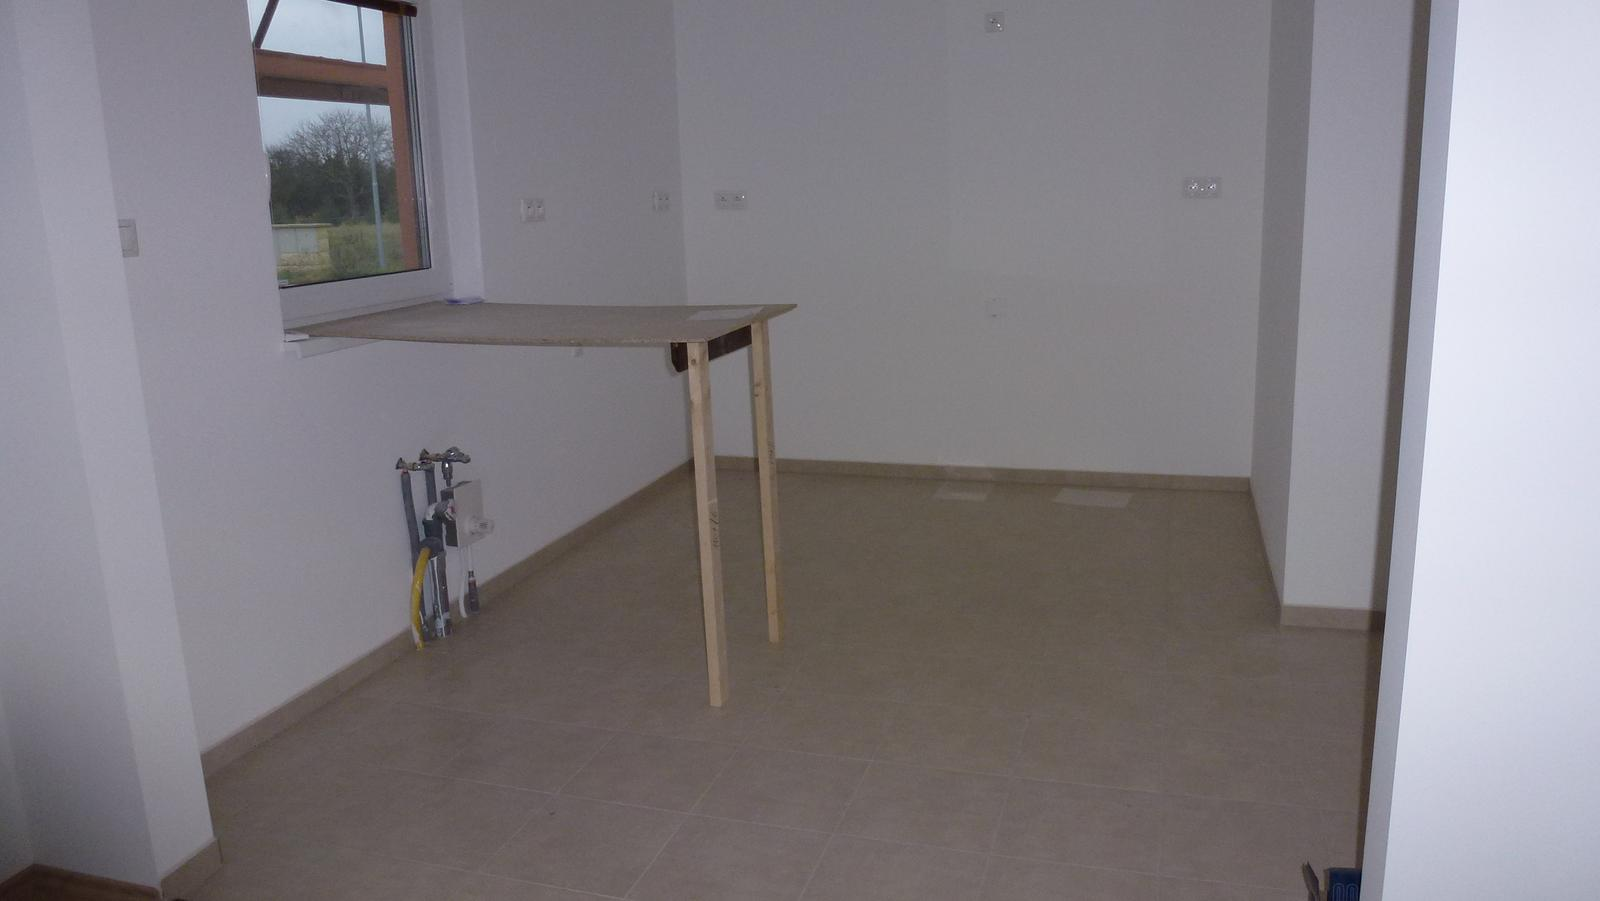 Nova 101 - stavíme - 23. den předání hotového domu (kuchyň)